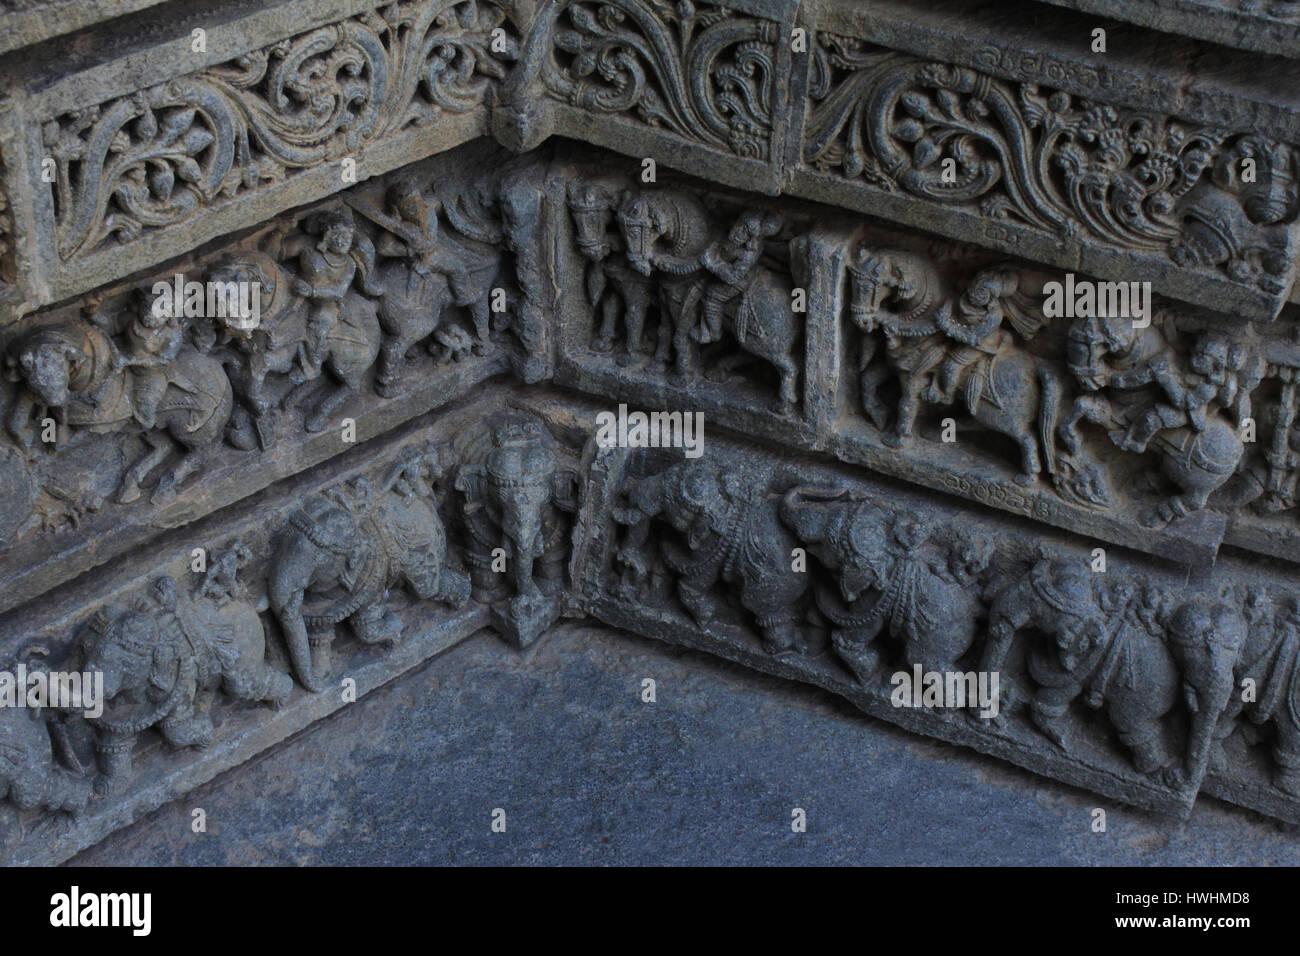 Cerca de las esculturas de piedra de follaje, guerreros, jinetes, elefantes procesión donde dos paredes de esquina satisfacer mutuamente en el santuario en la pared Chennakesa Foto de stock